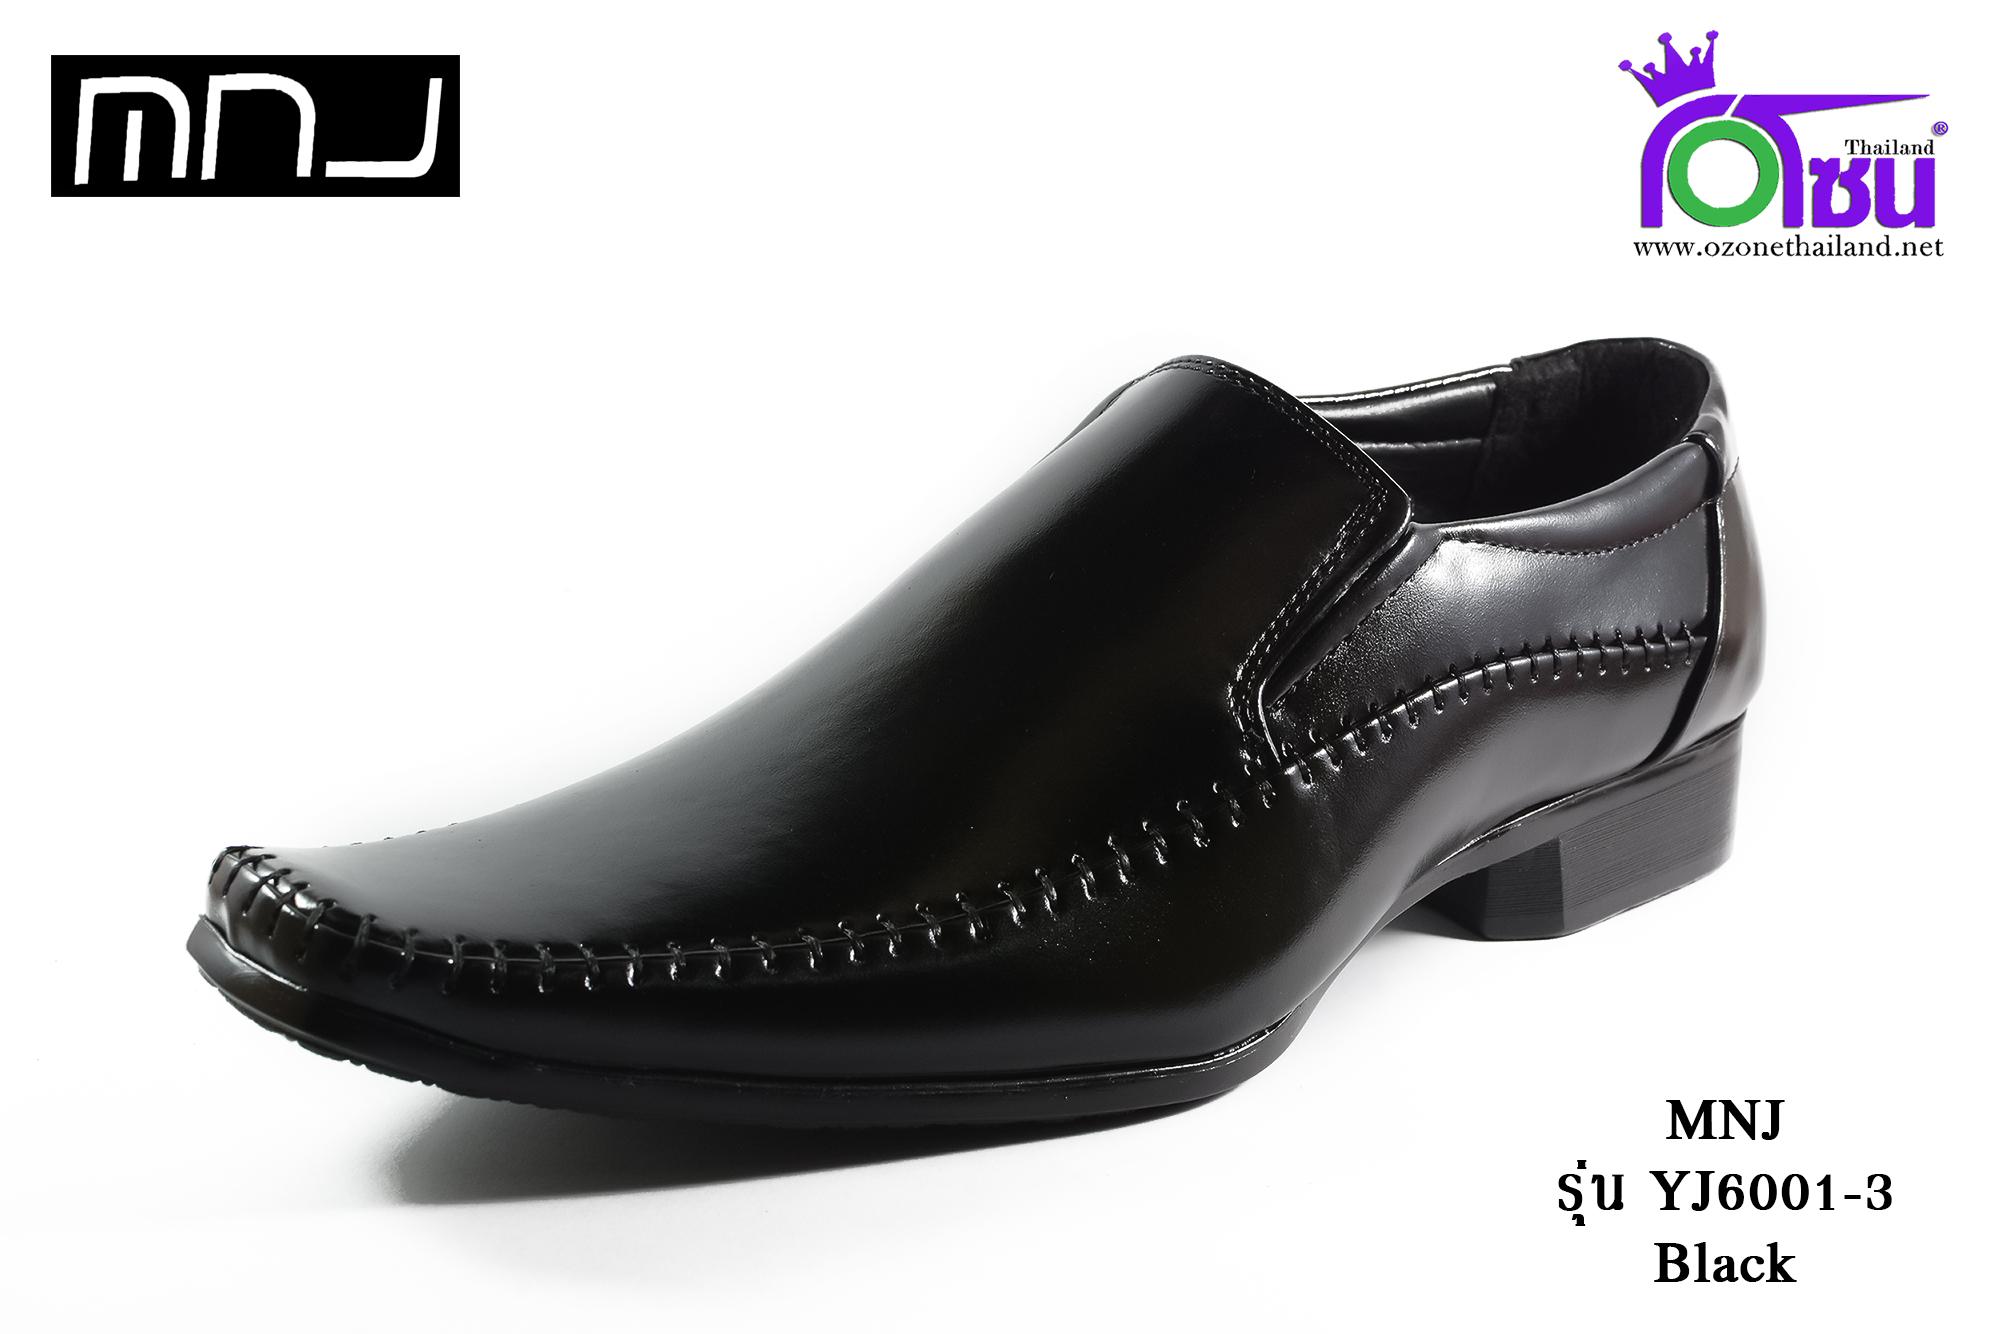 รองเท้าคัทชู MNJ เอ็มเอ็นเจ รหัส YJ6001-3 สีดำ เบอร 40-44